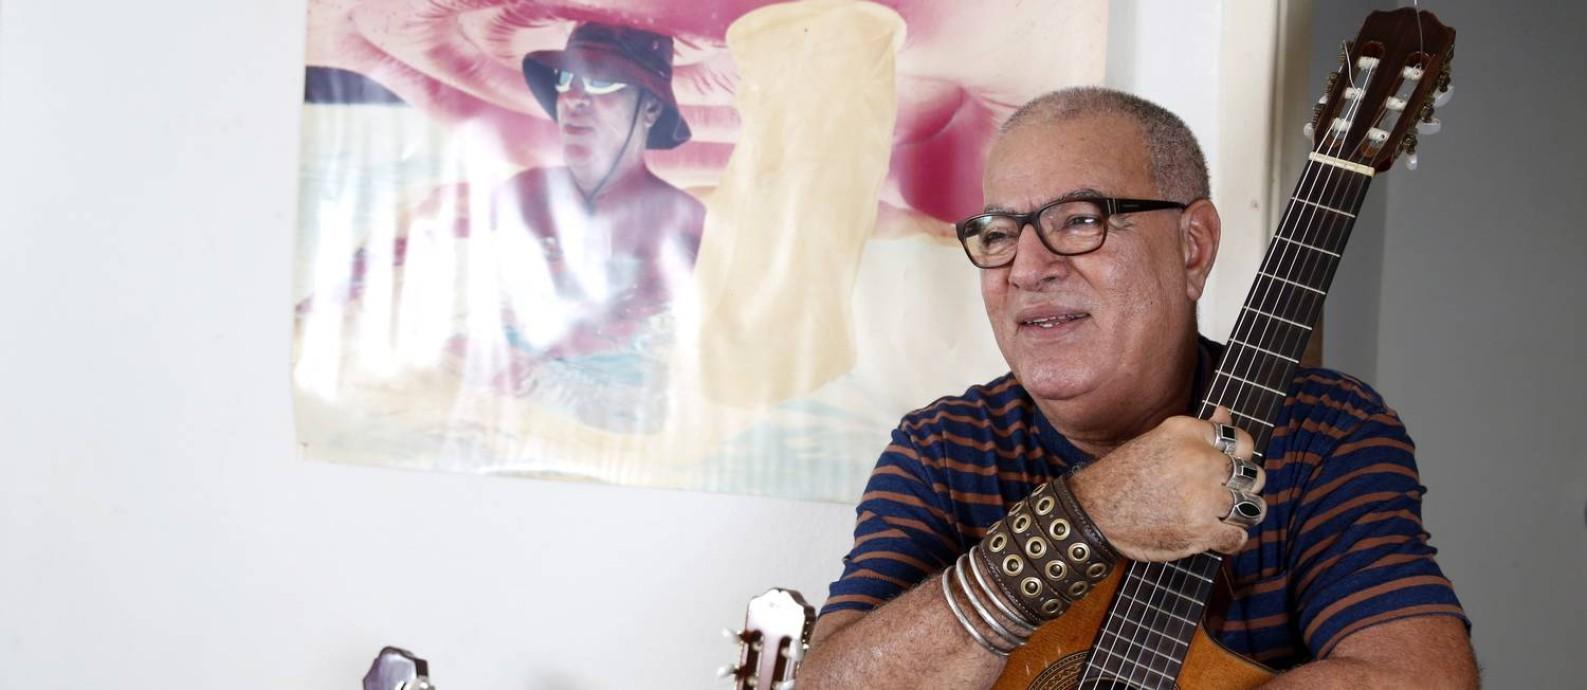 'Minha contribuição é minha música', diz Cézar Mendes Foto: Fabio Rossi / Agência O Globo